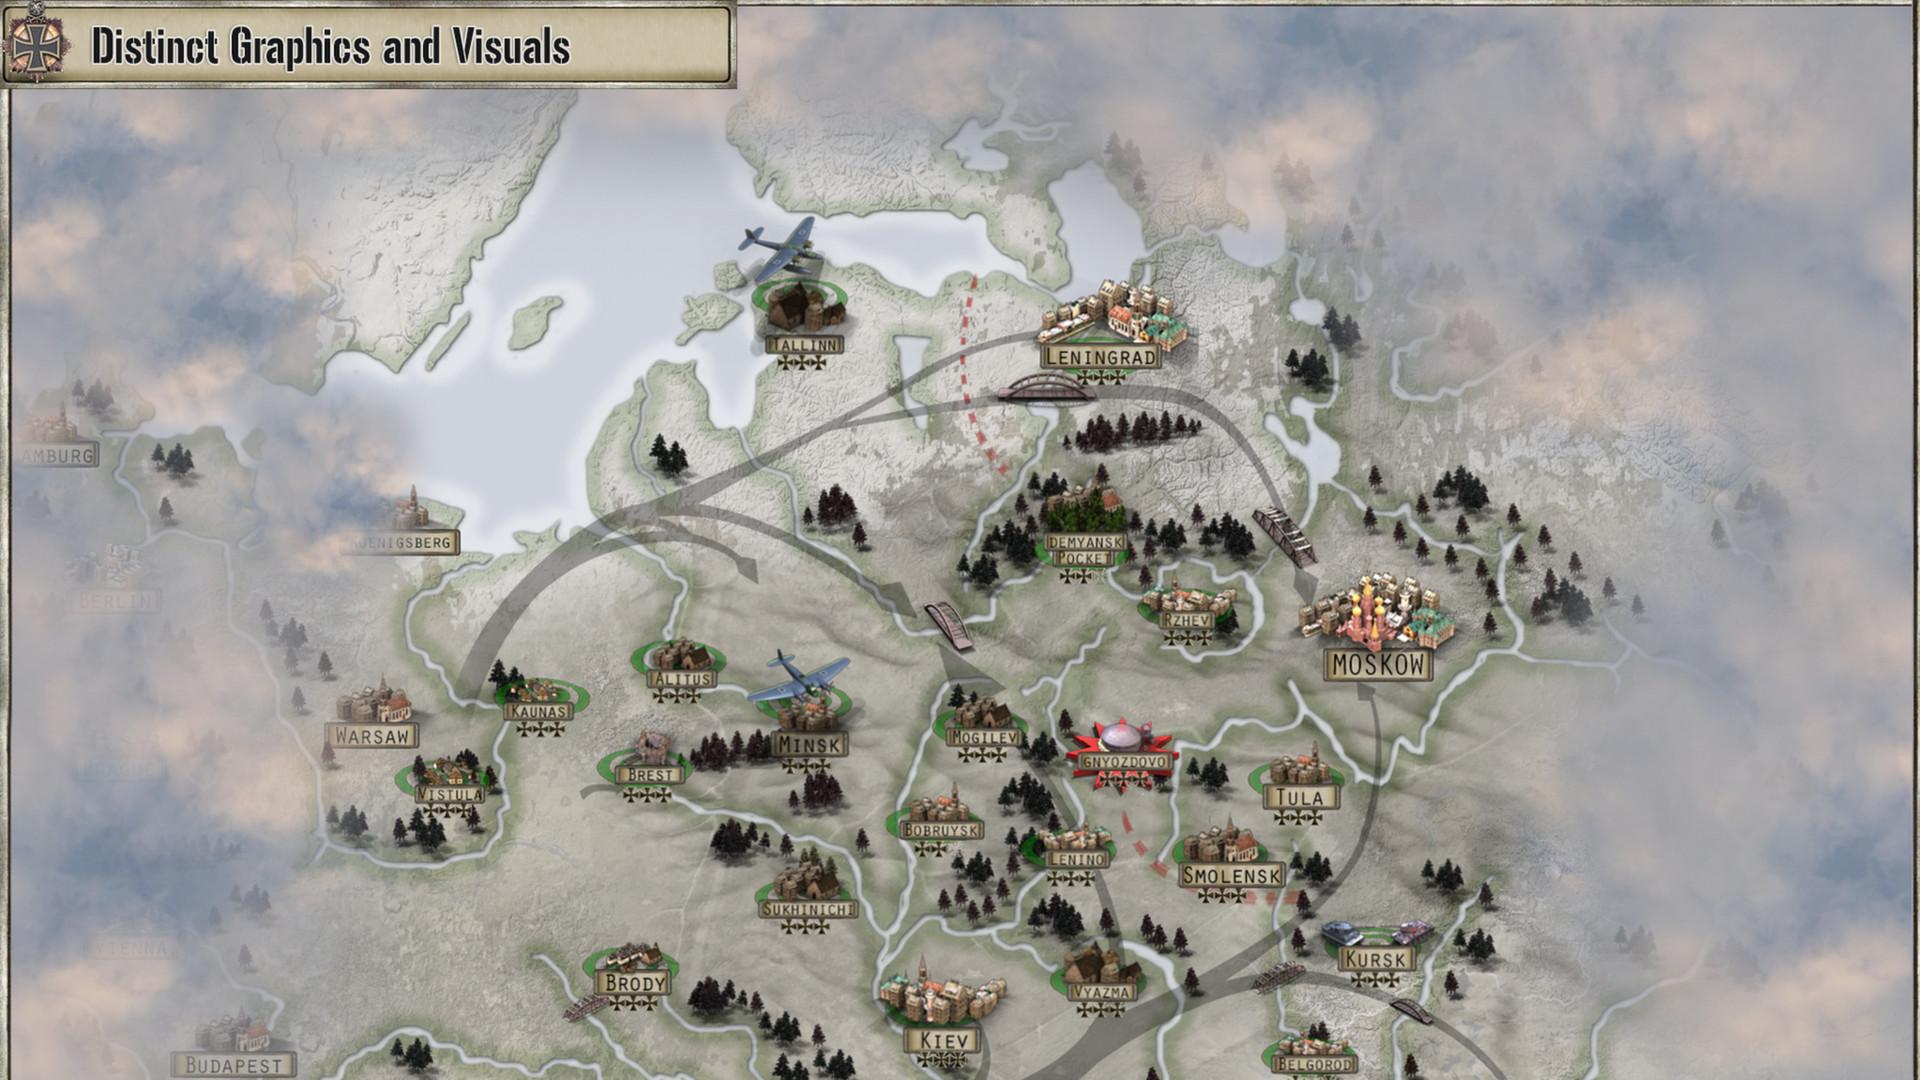 الإستراتيجية الرائعة Frontline Road Moscow ss_9d6fcb7fcc4794e53